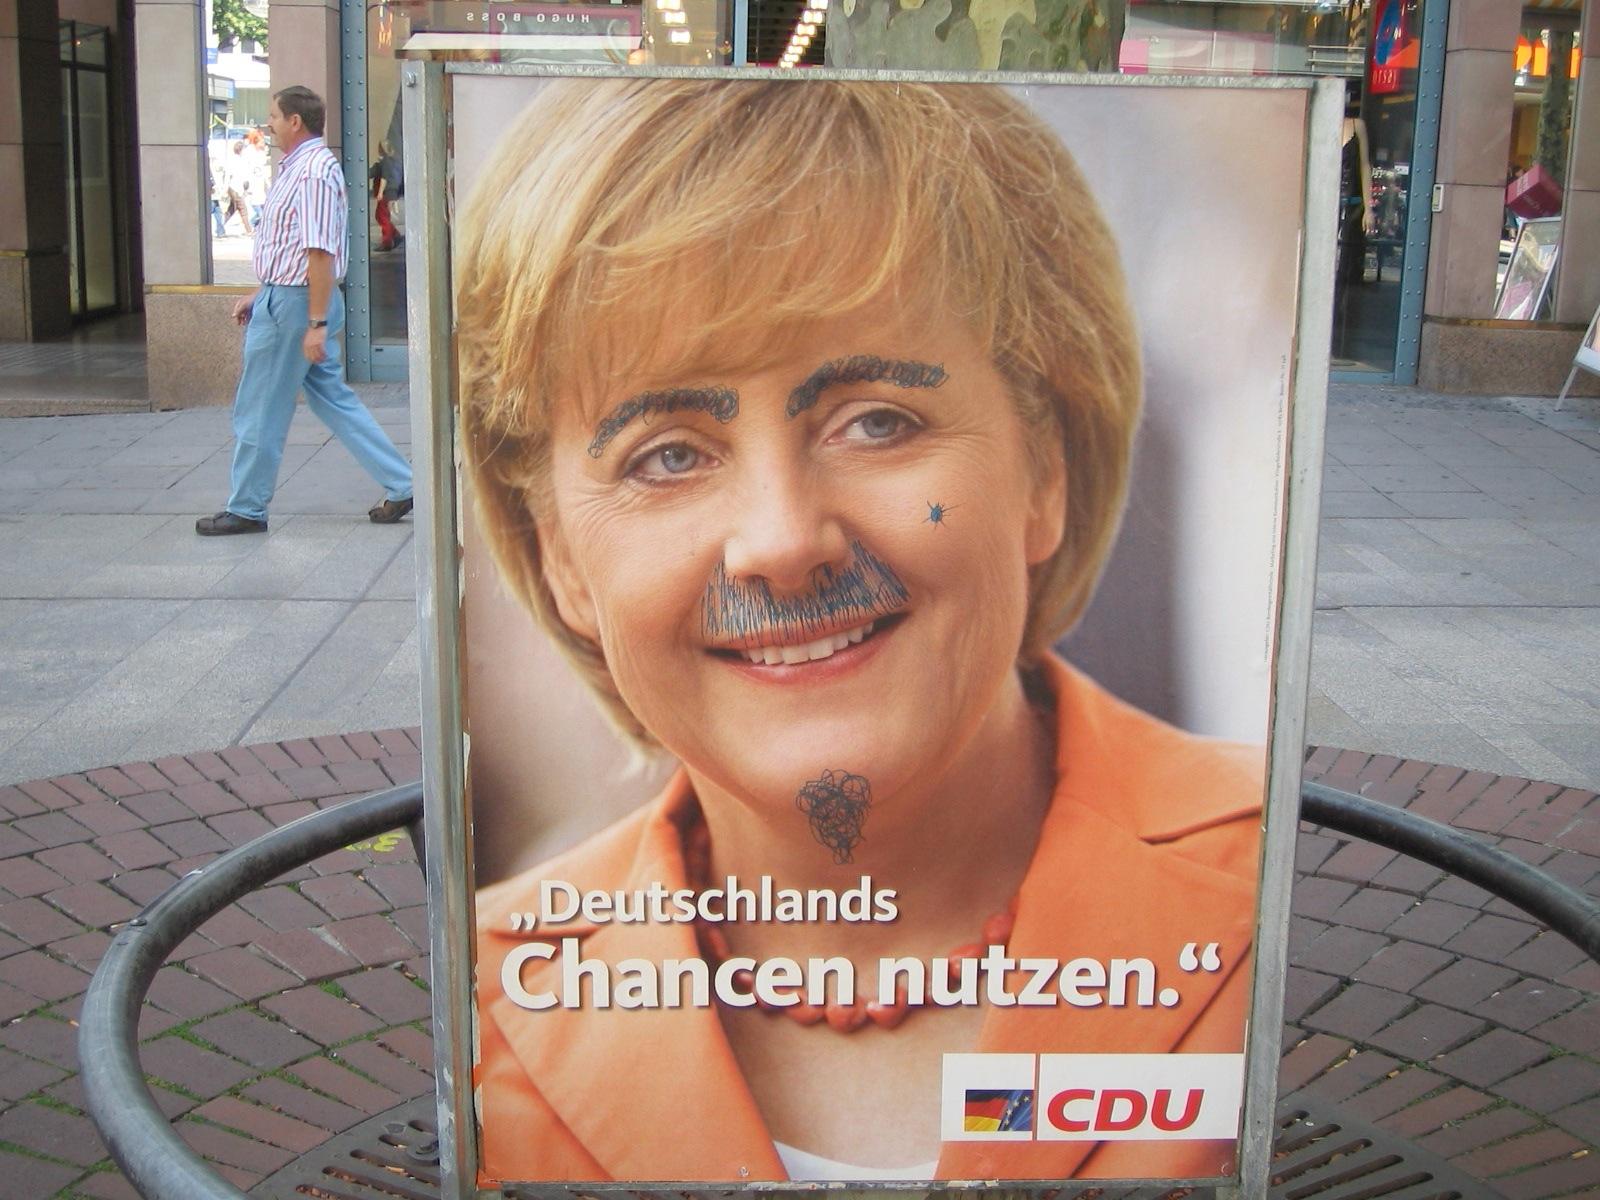 Angela Merkelová aneb Jak ji budou vnímat budoucí generace?